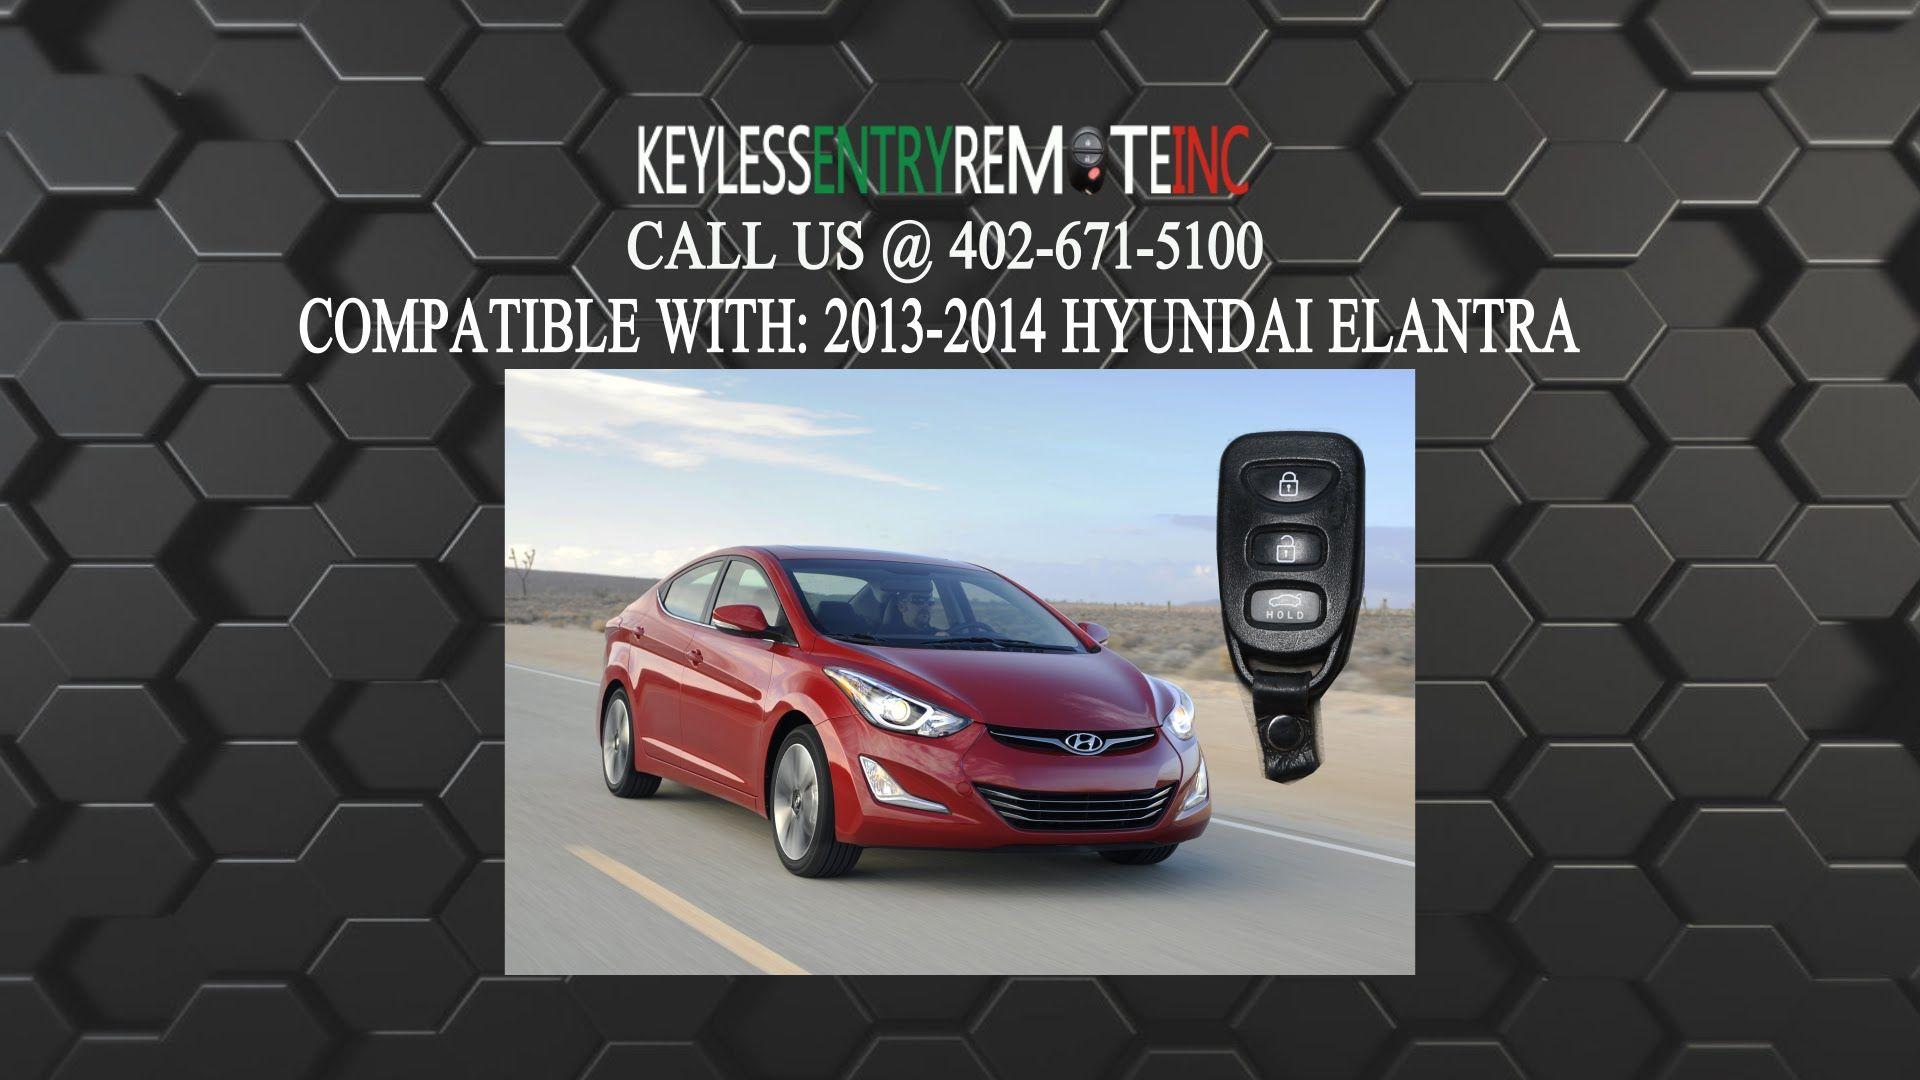 How To Replace A Hyundai Elantra Key Fob Battery 2011 2016 Part 9543 Hyundai Elantra Elantra Hyundai